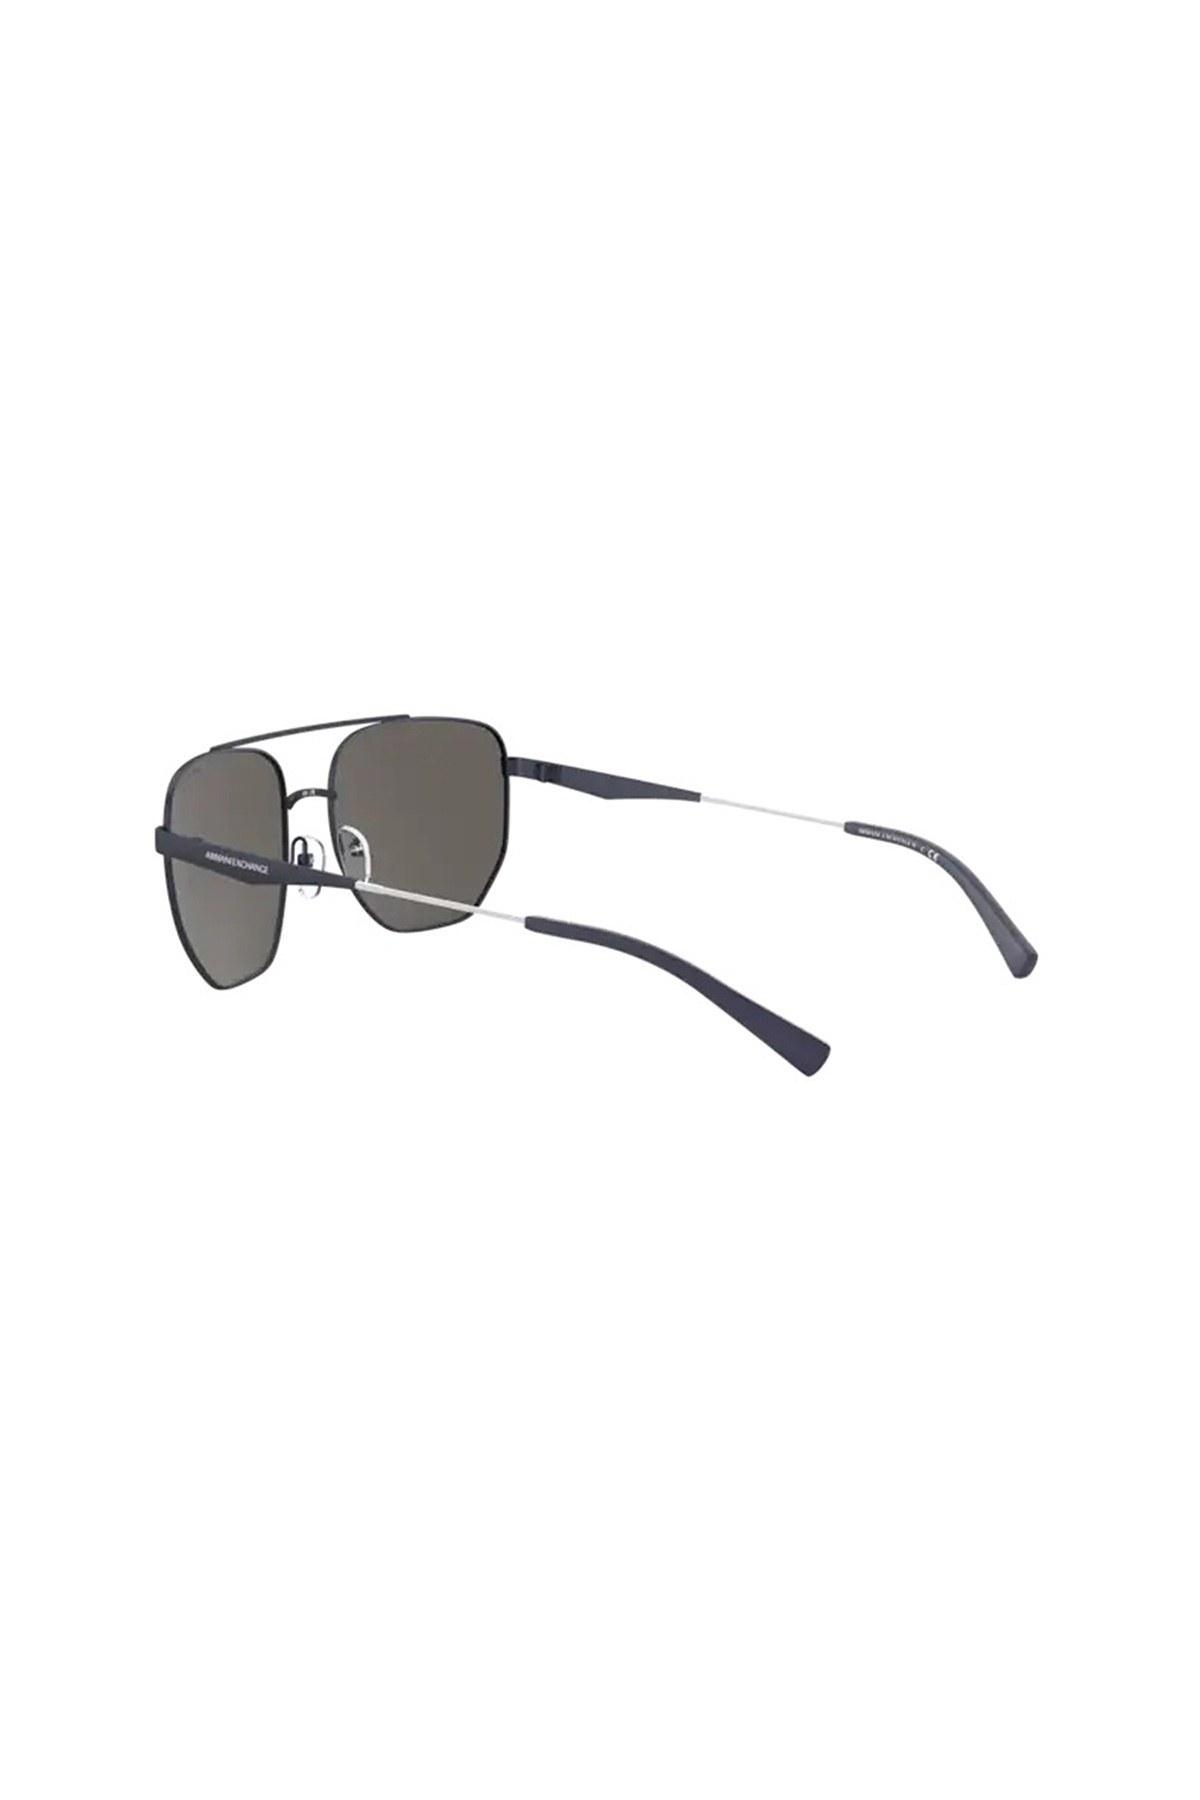 Armani Exchange Aynalı Erkek Gözlük 0AX2033S 61136G 59 LACİVERT